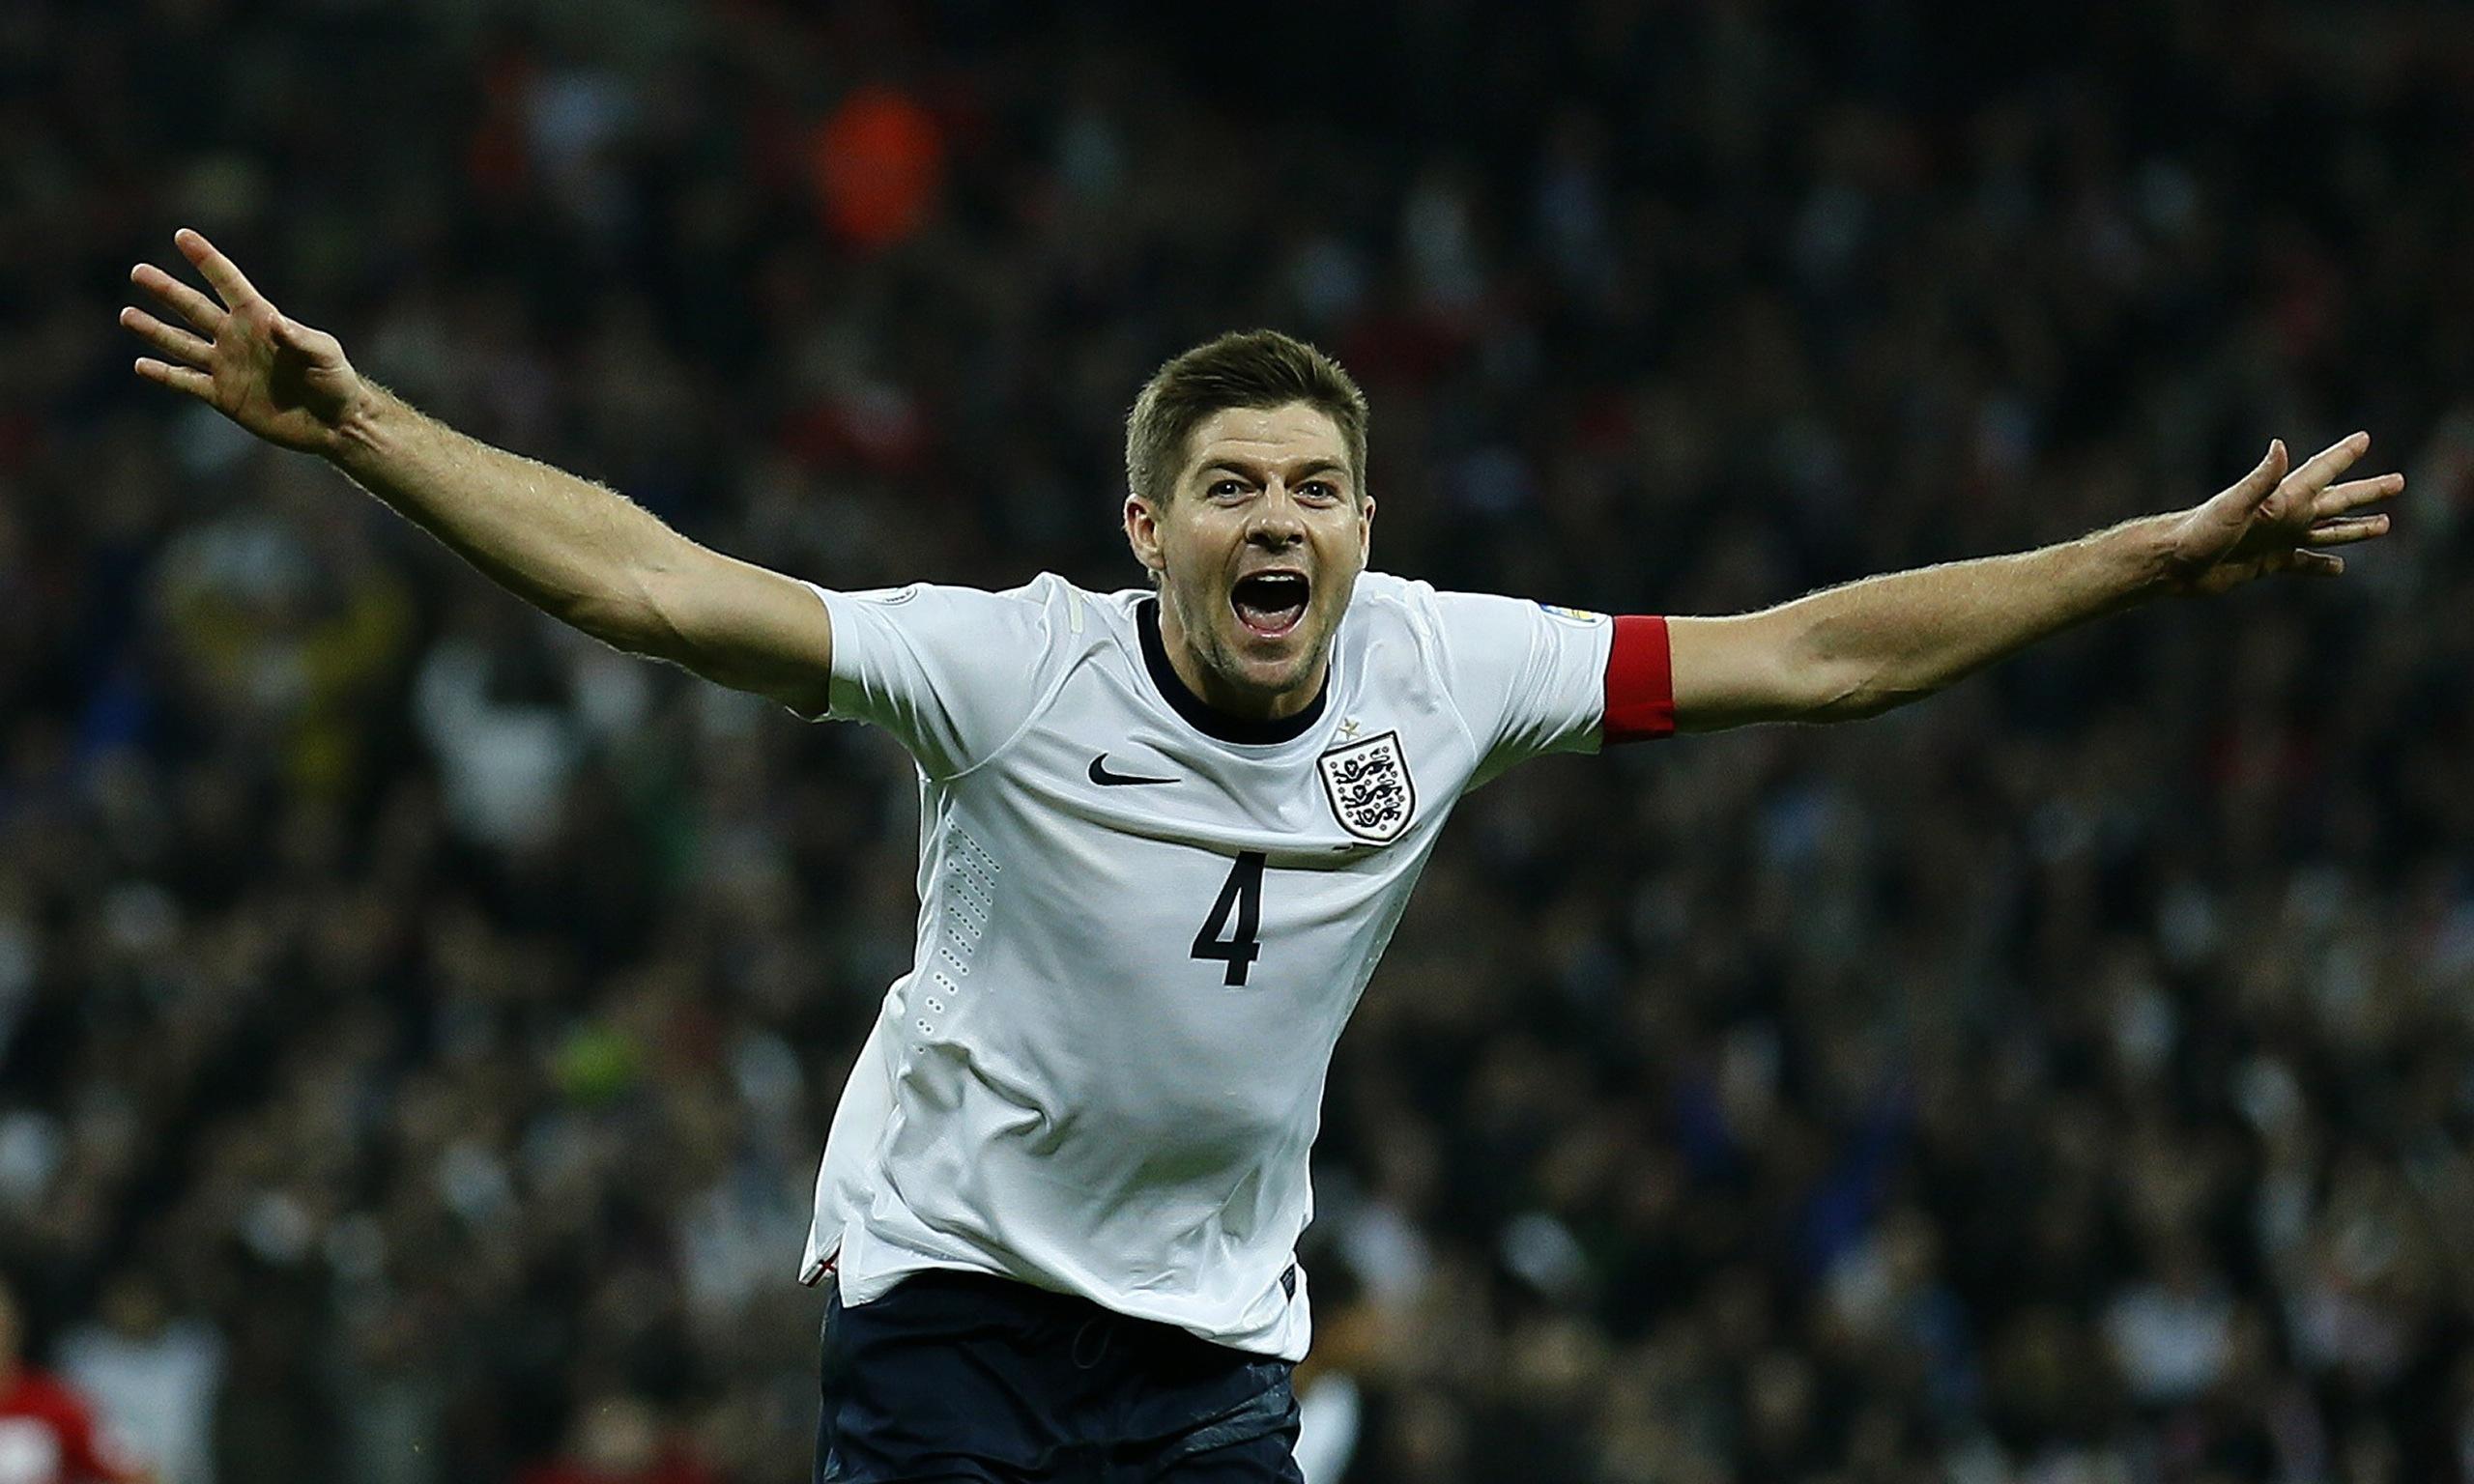 Steven Gerrard's England career shows full gamut as he ...